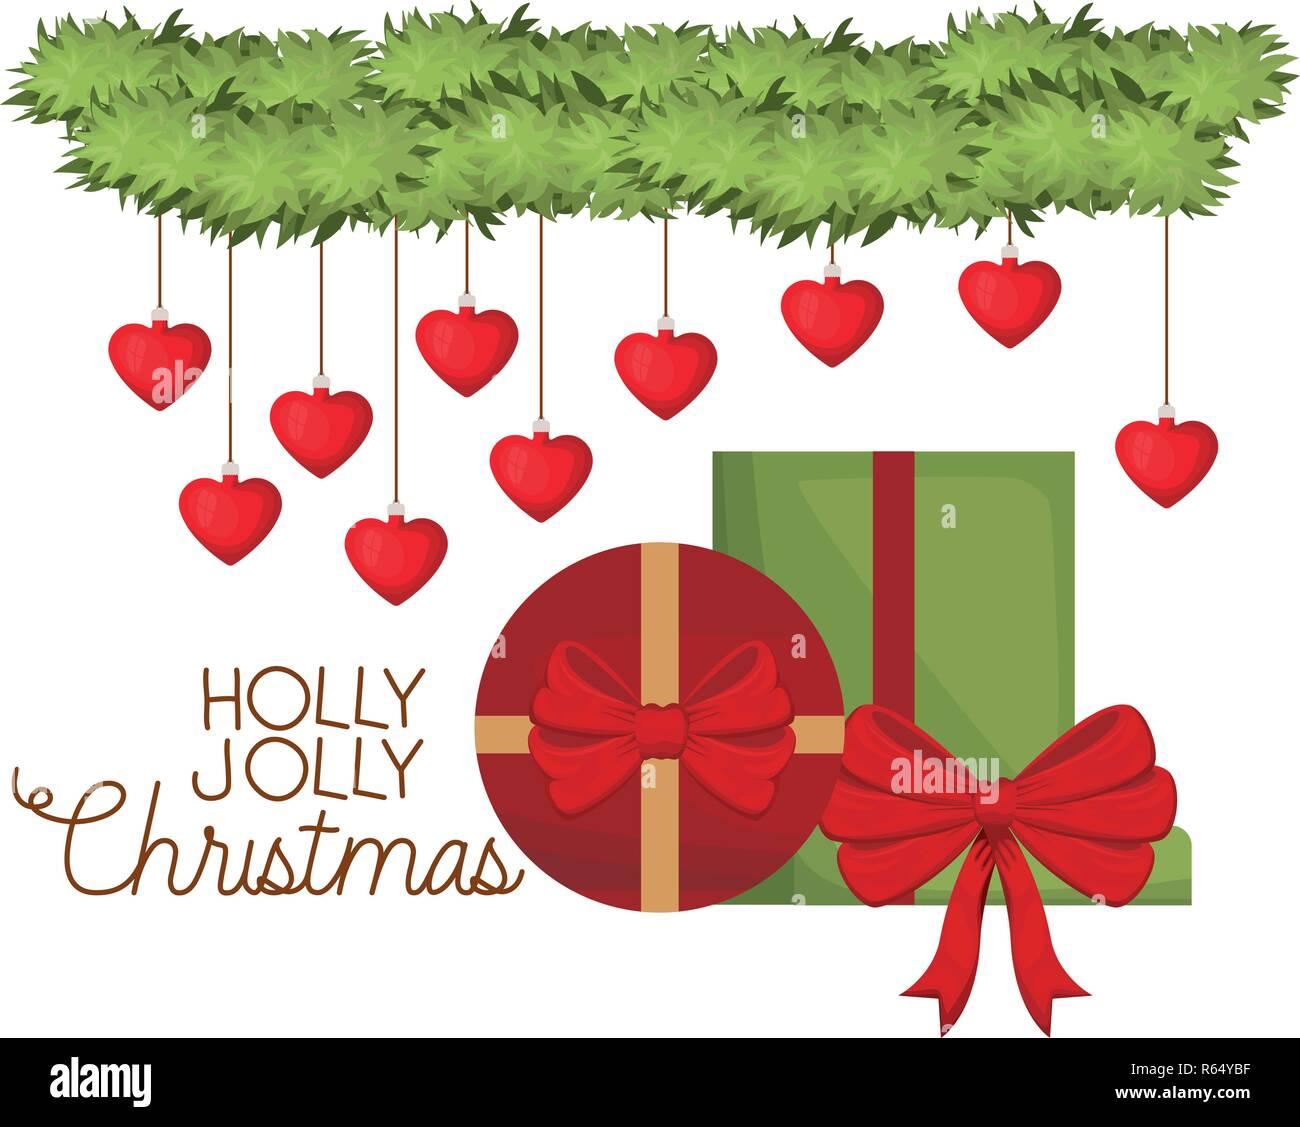 Kranz Aus Weihnachtskugeln.Kranz Mit Weihnachtskugeln Und Geschenke Vektor Abbildung